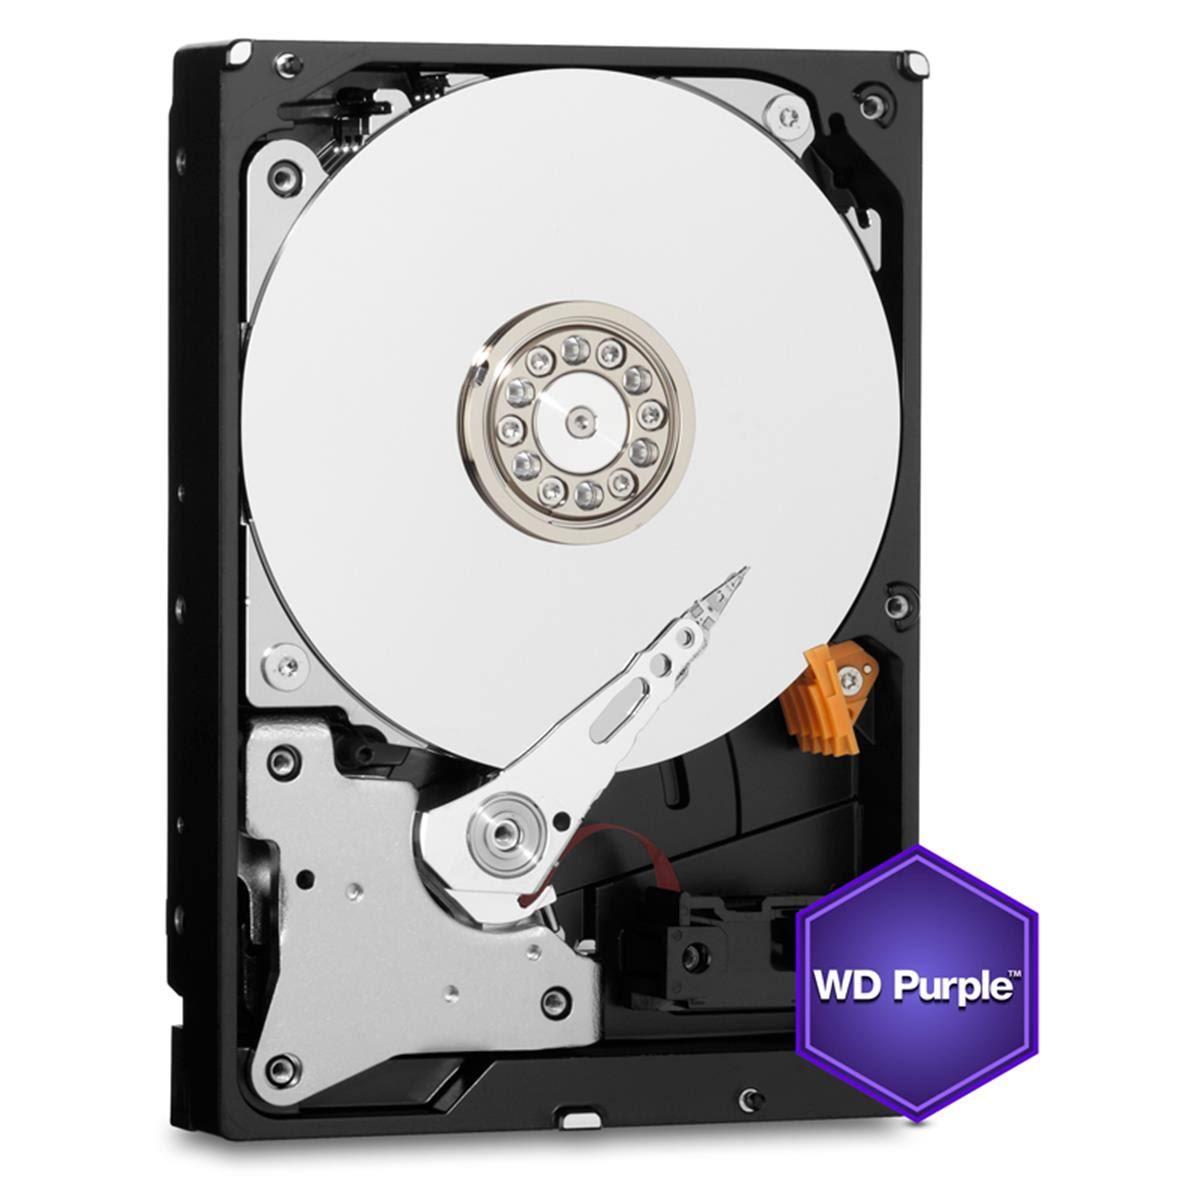 Hd 4Tb Sata 3 W. Digital Wd40Purd Purple